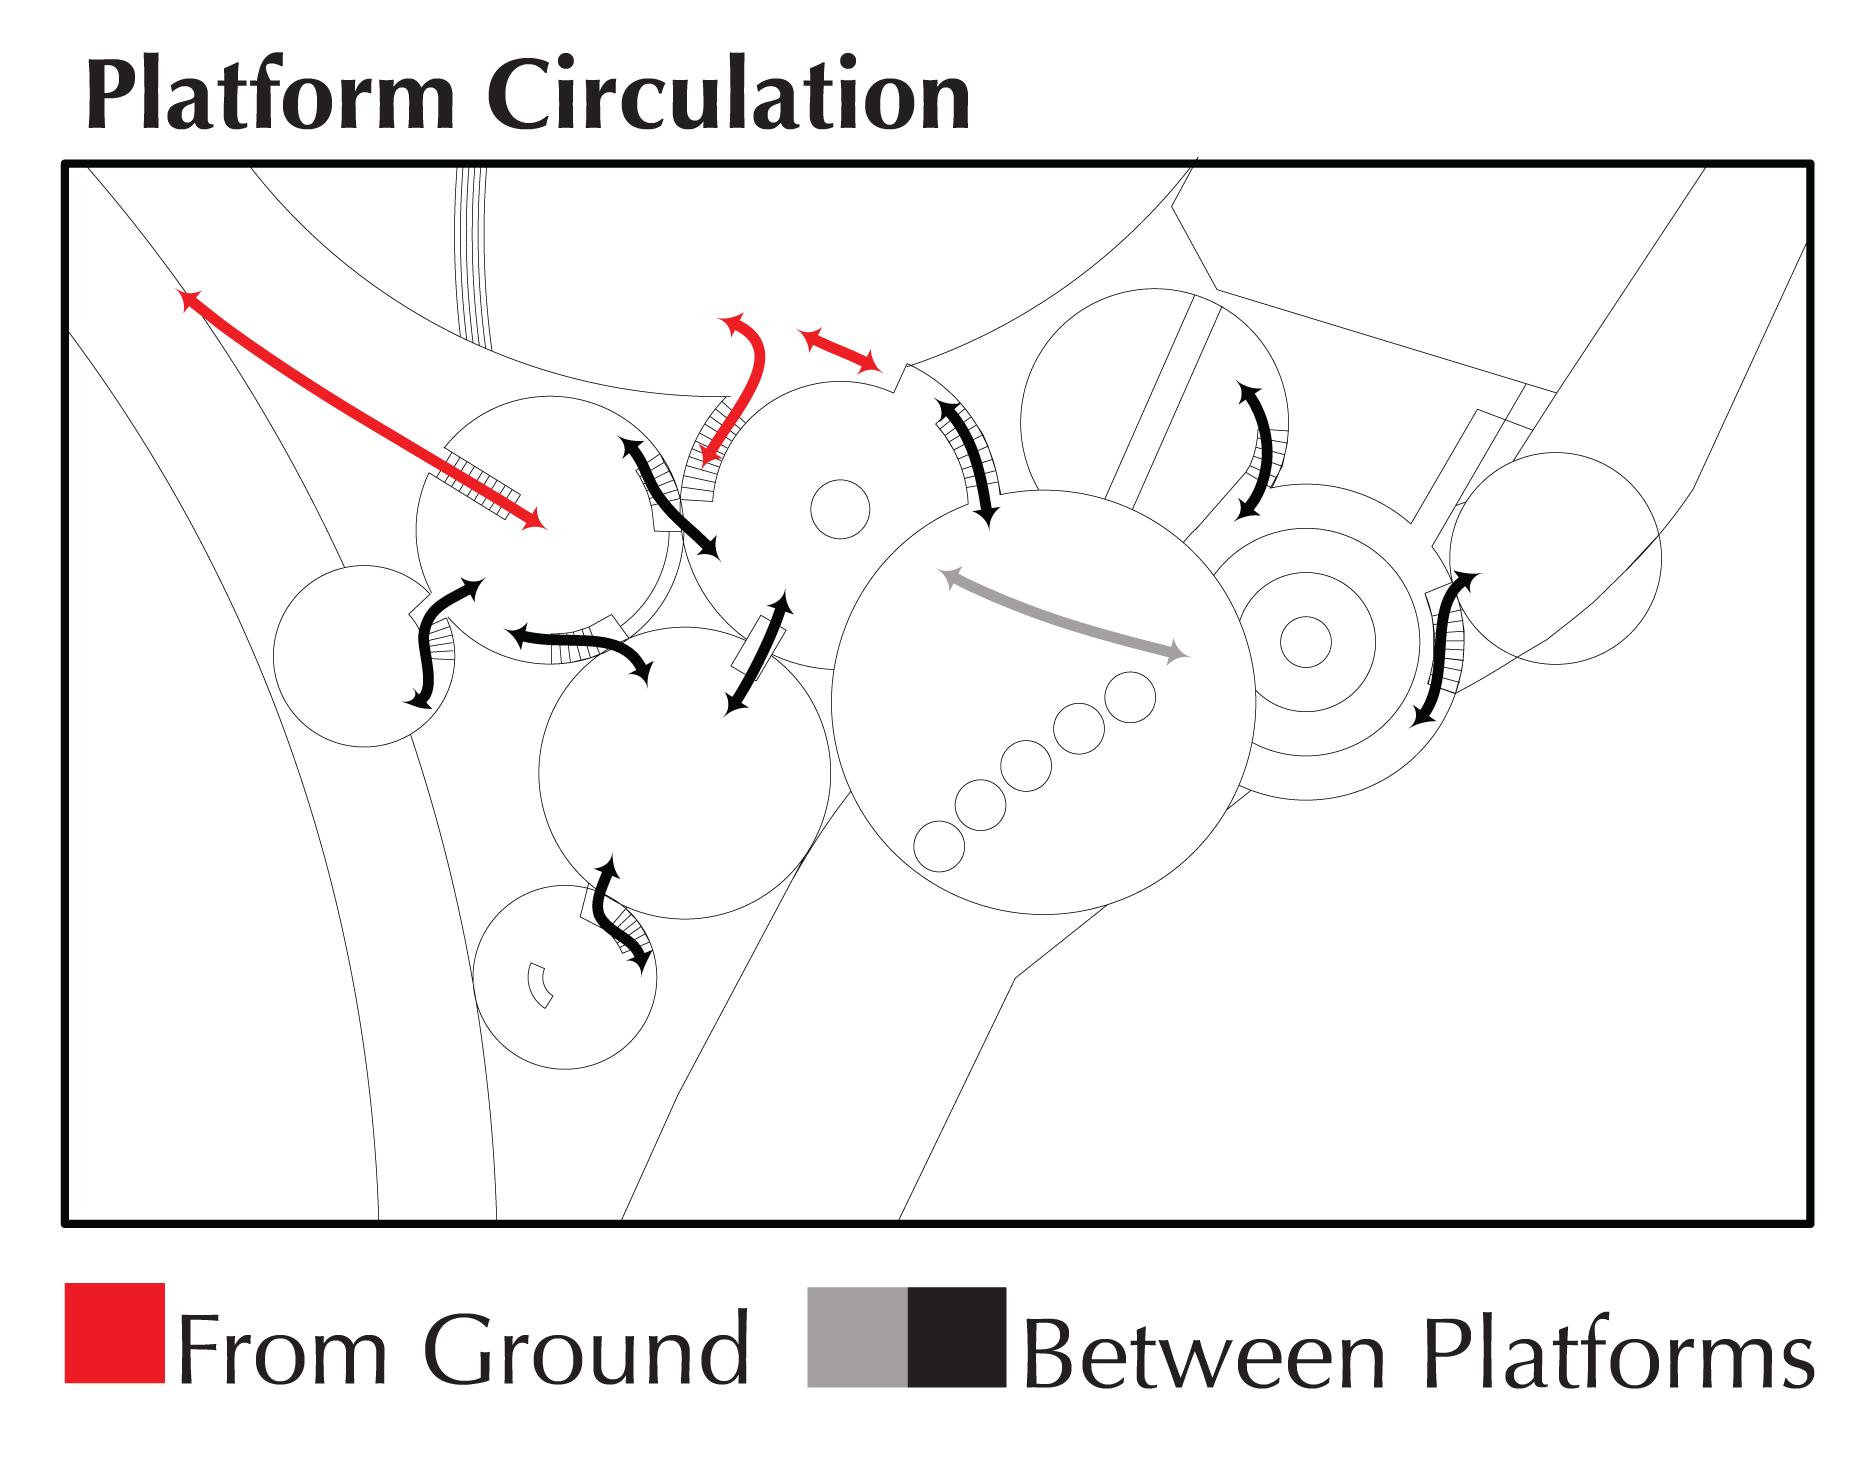 Platform Circulation